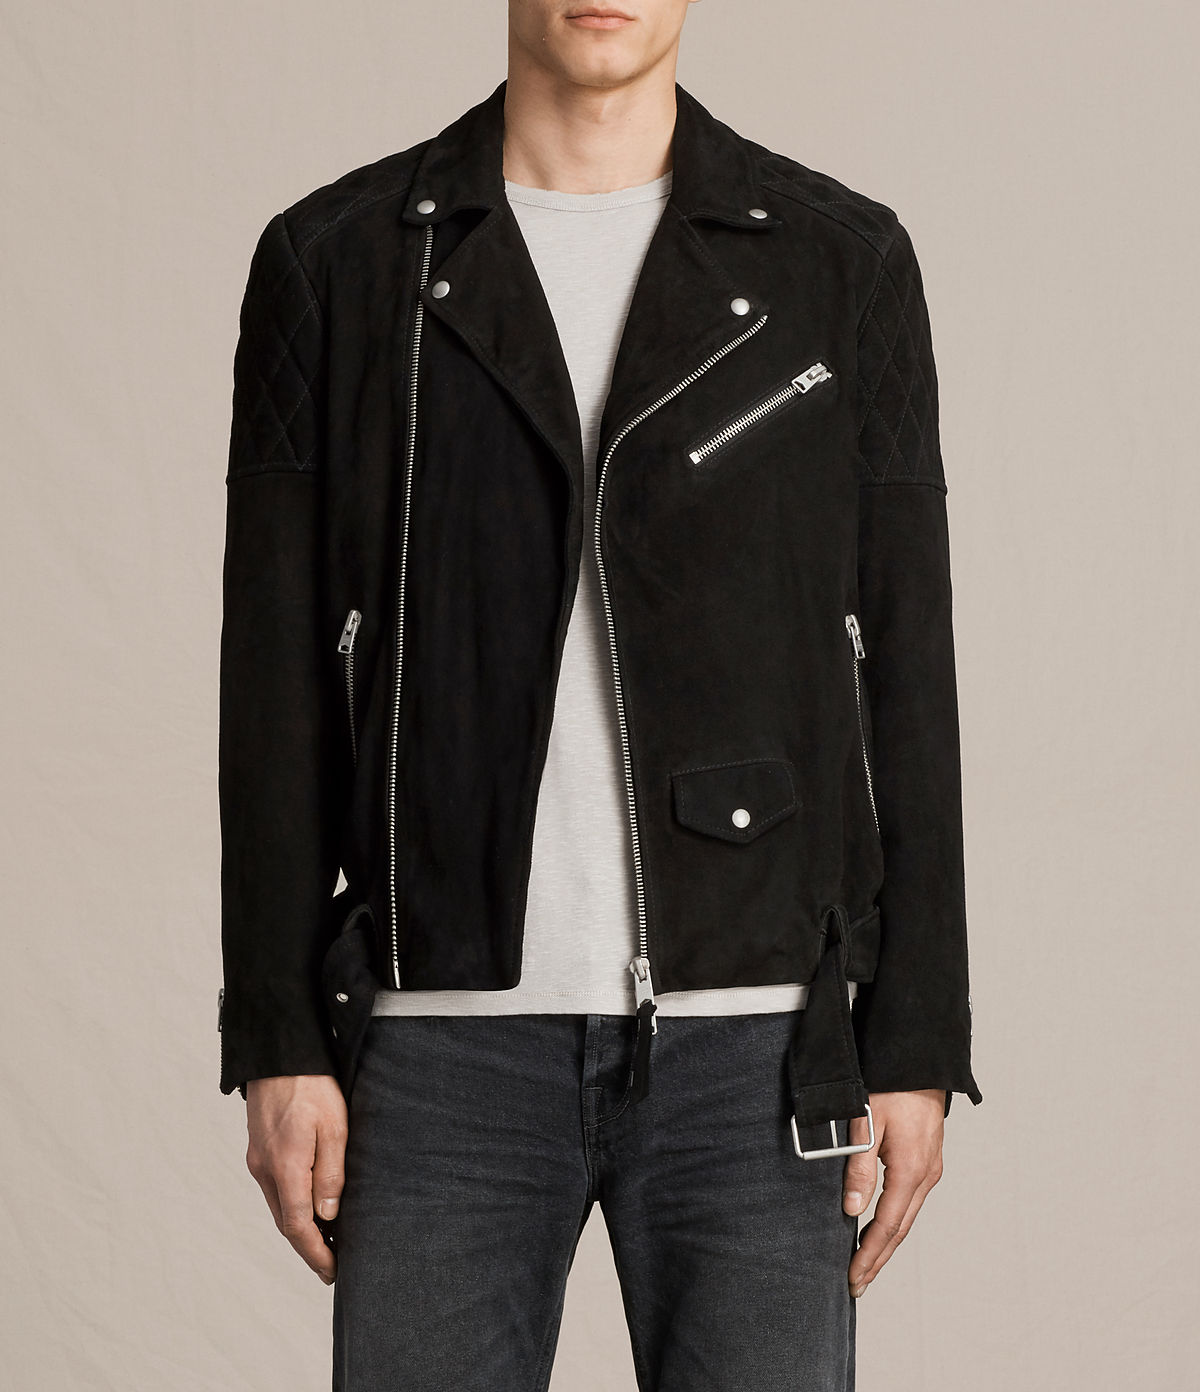 ALLSAINTS UK: Leather jackets for men shop now.